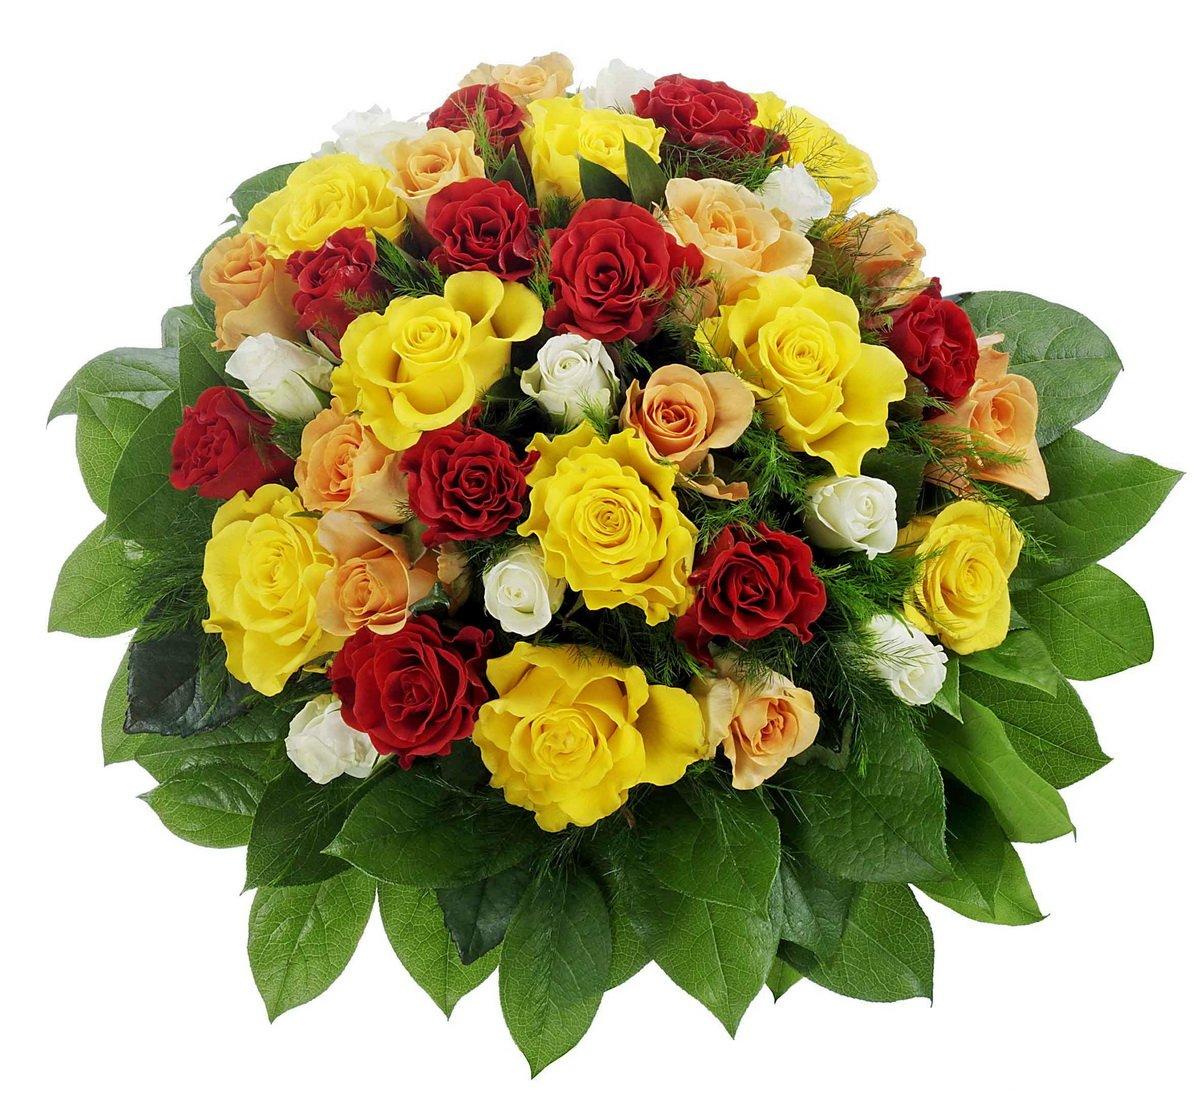 Bunter Rosenstrauß mit 36 Rosen, 1 Strauß